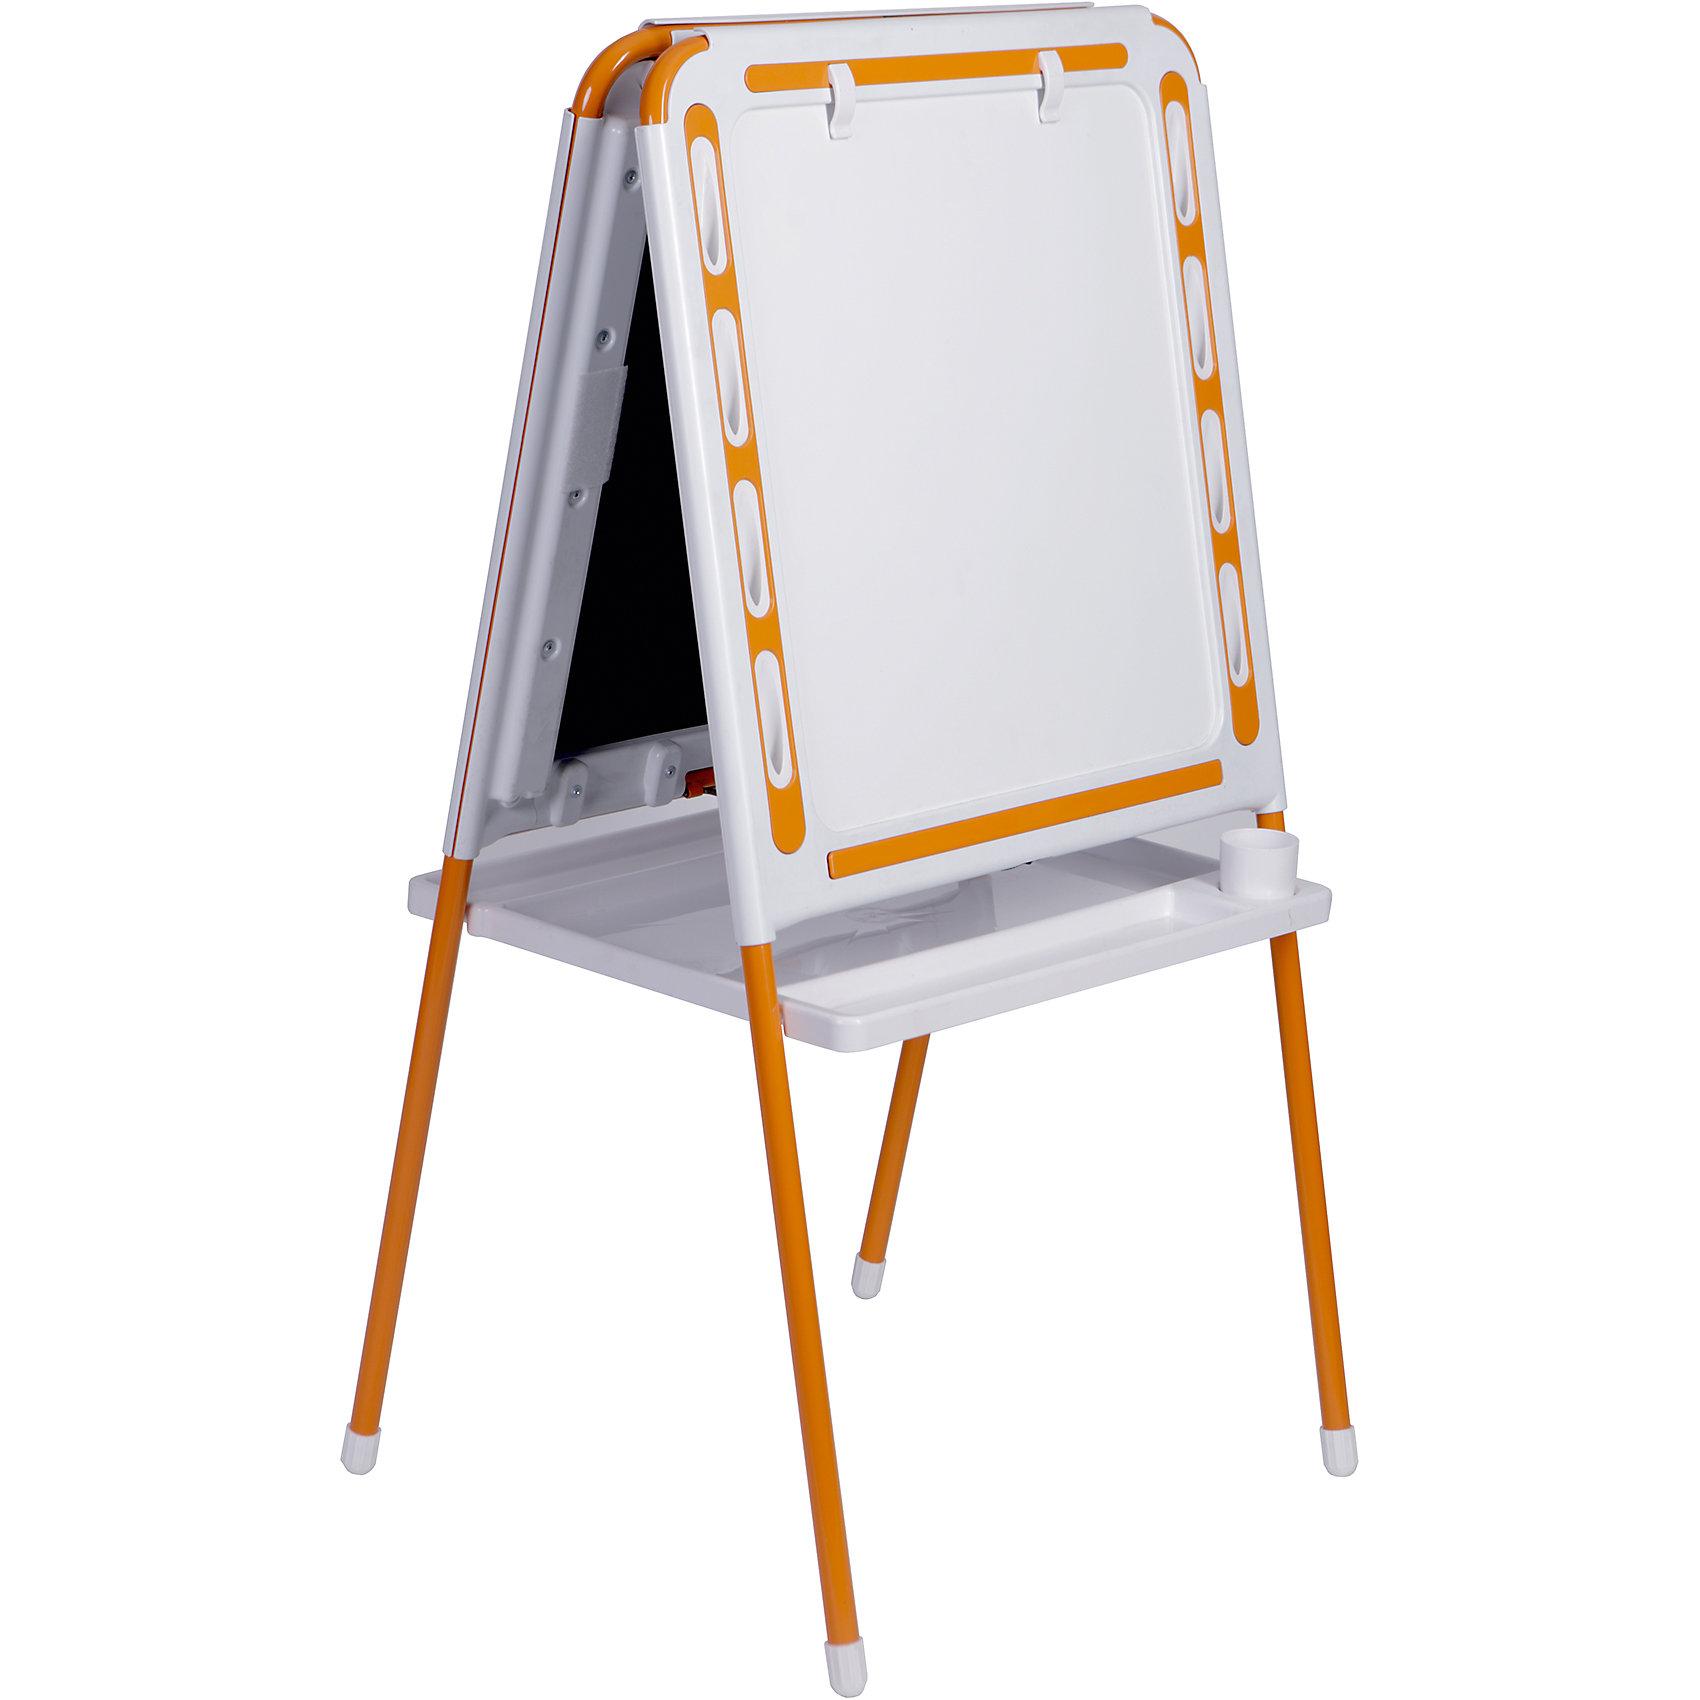 Оранжевый мольбертОранжевый мольберт – это мольберт с двумя рабочими поверхностями, предназначенный для детского творчества и развития.<br>Современный, функциональный и очень удобный мольберт - это универсальный уголок для рисования и обучения у вас дома. Двойная доска устанавливается «домиком» прямо на пол и не требует дополнительных креплений. На металлических ножках – пластмассовые заглушки. Мольберт спроектирован особым образом: он может  использоваться двумя детьми одновременно. С обеих сторон мольберта есть удобные зажимы для бумаги. В комплект входят два стаканчика для рисования, большая полка для альбомов и красок. Мольберт подходит для работы красками, мелом, карандашами и маркерами. Юный художник по достоинству оценит удобные пазы-подставки для канцелярских принадлежностей, расположенные прямо на рамке мольберта, слева и справа от его рабочей поверхности. Углы мольберта скруглены для снижения травматичности ребенка.<br><br>Дополнительная информация:<br><br>- В комплекте: мольберт, два стаканчика для рисования, полка<br>- Цвет: белый, оранжевый<br>- Материал: пластик, металл<br>- Размер: 100,5х48 см.<br>- Размер упаковки: 112х55х70 см.<br>- Вес: 14,2 кг.<br><br>Оранжевый мольберт можно купить в нашем интернет-магазине.<br><br>Ширина мм: 1220<br>Глубина мм: 650<br>Высота мм: 110<br>Вес г: 14200<br>Возраст от месяцев: -2147483648<br>Возраст до месяцев: 2147483647<br>Пол: Унисекс<br>Возраст: Детский<br>SKU: 4589687